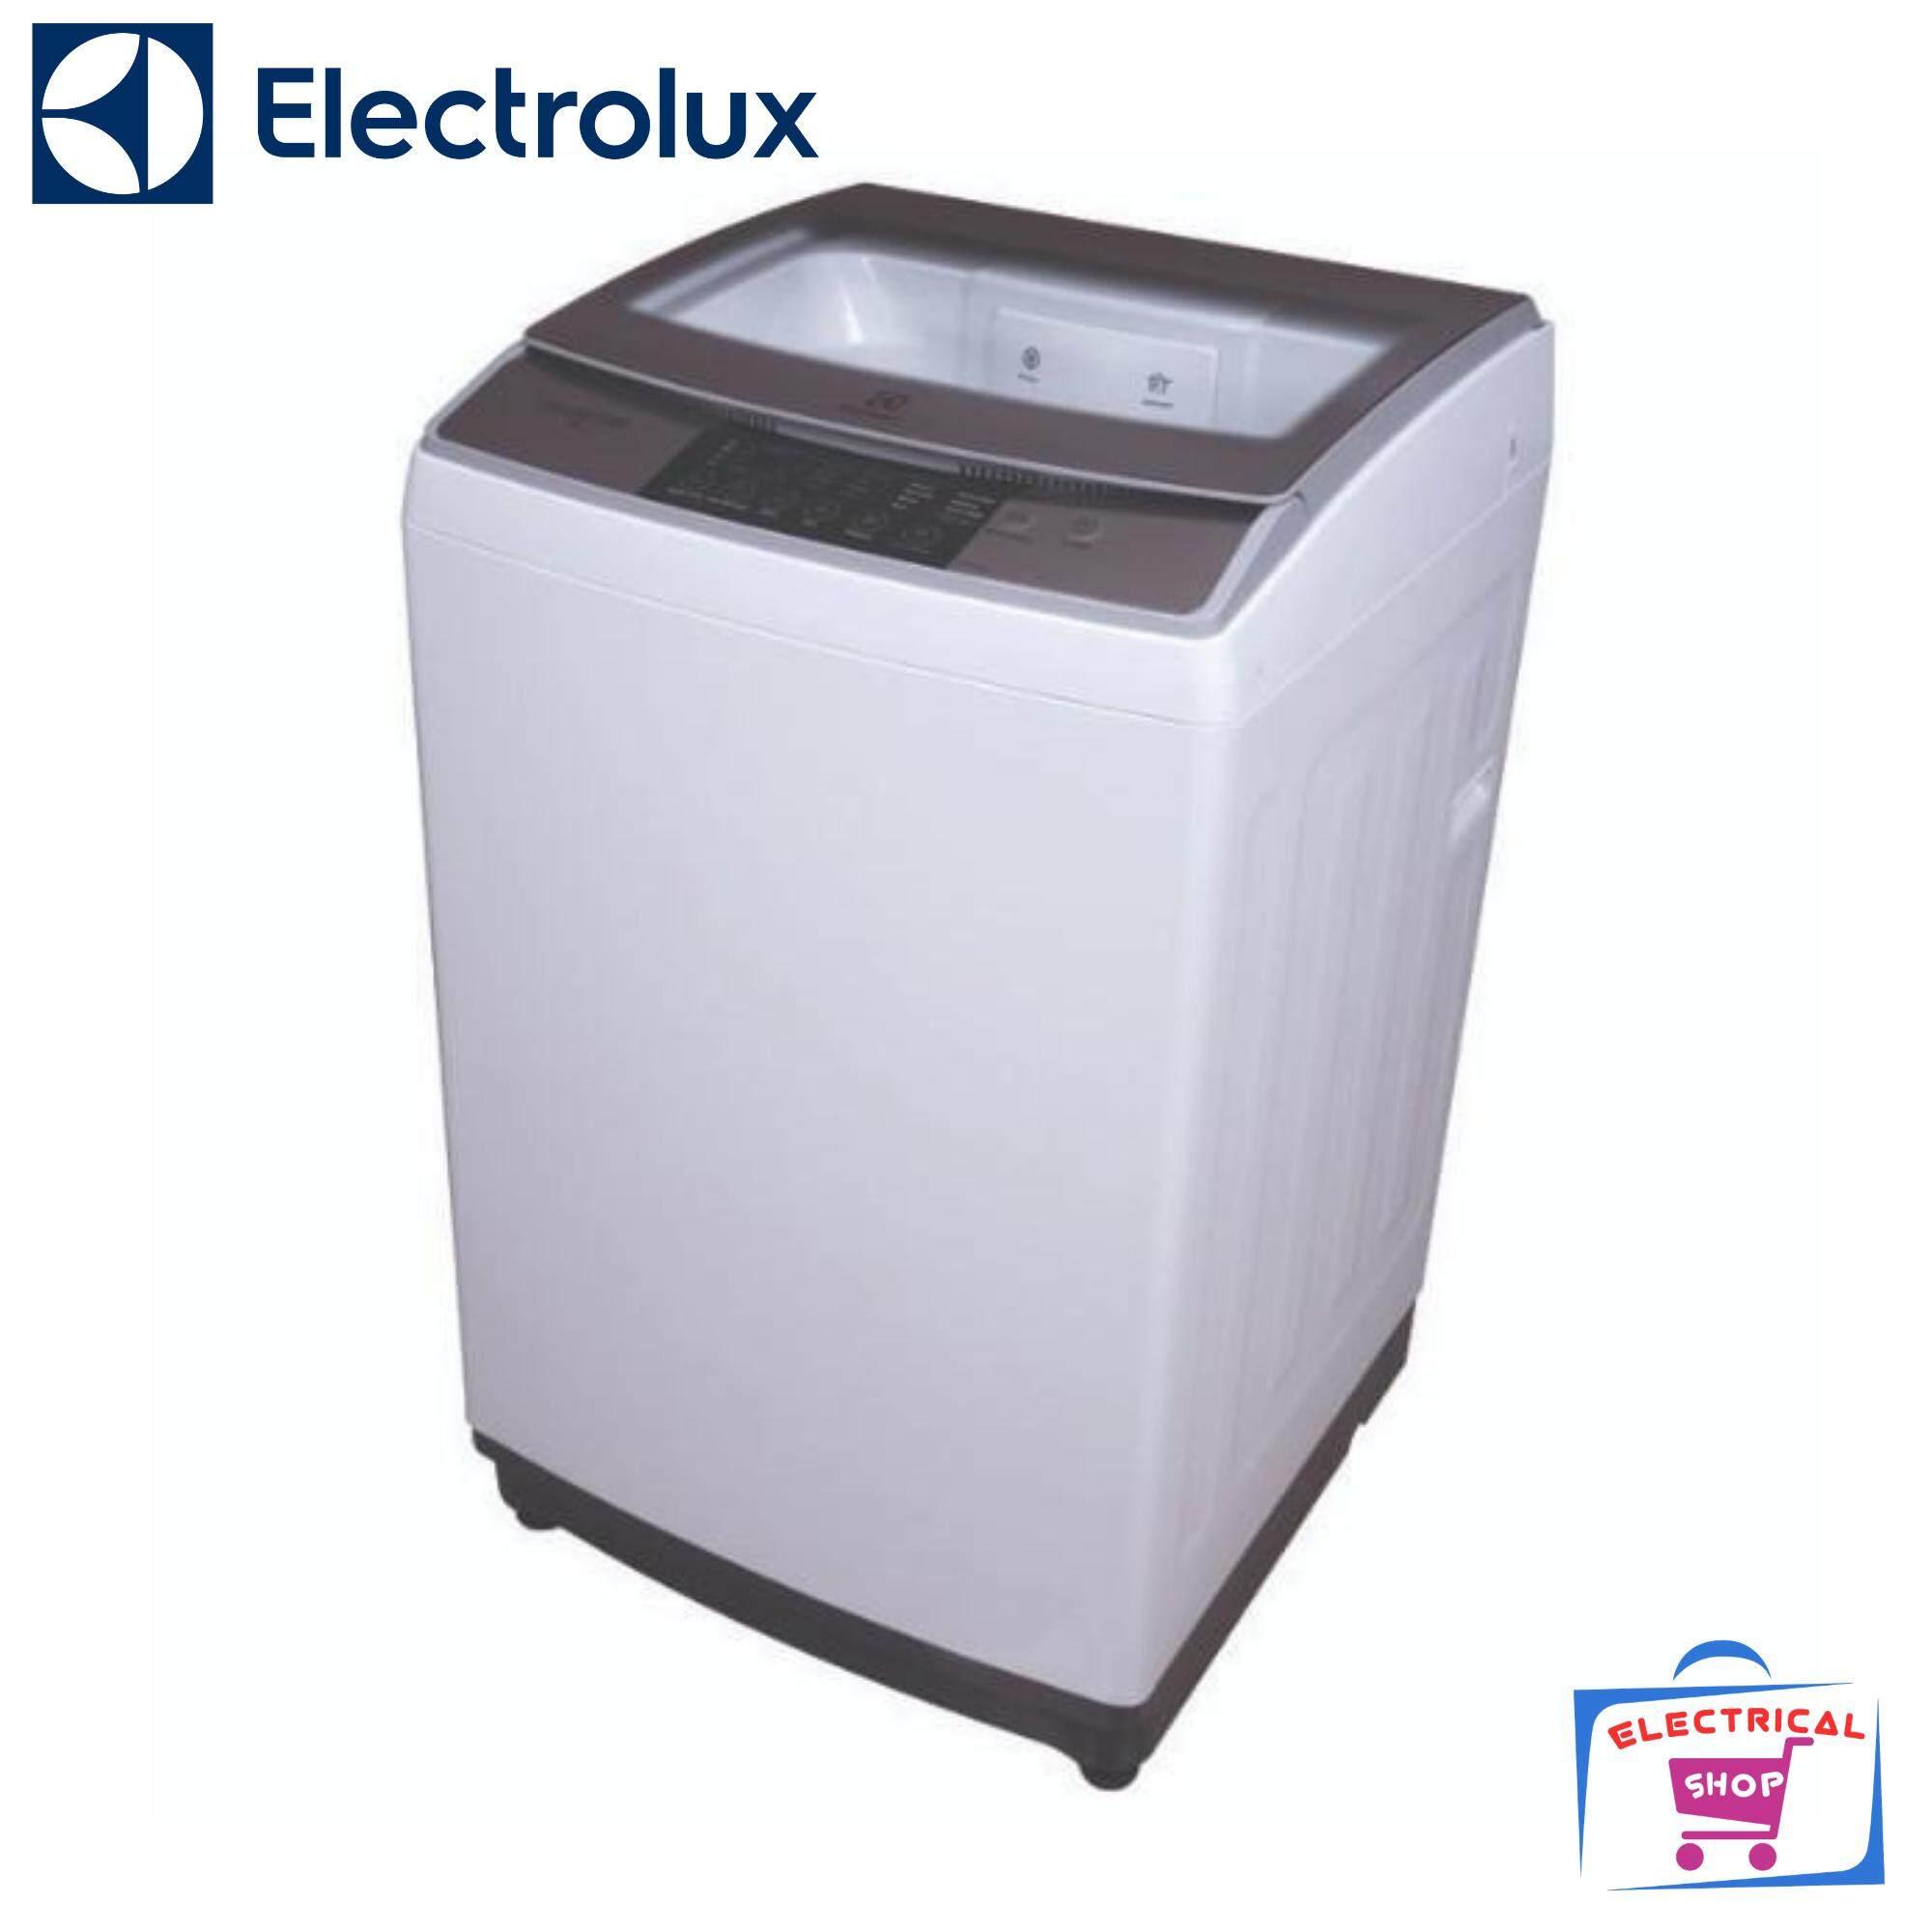 Electrolux Washing Machine EWT705WN 7kg Cyclonic Care washer EWT705